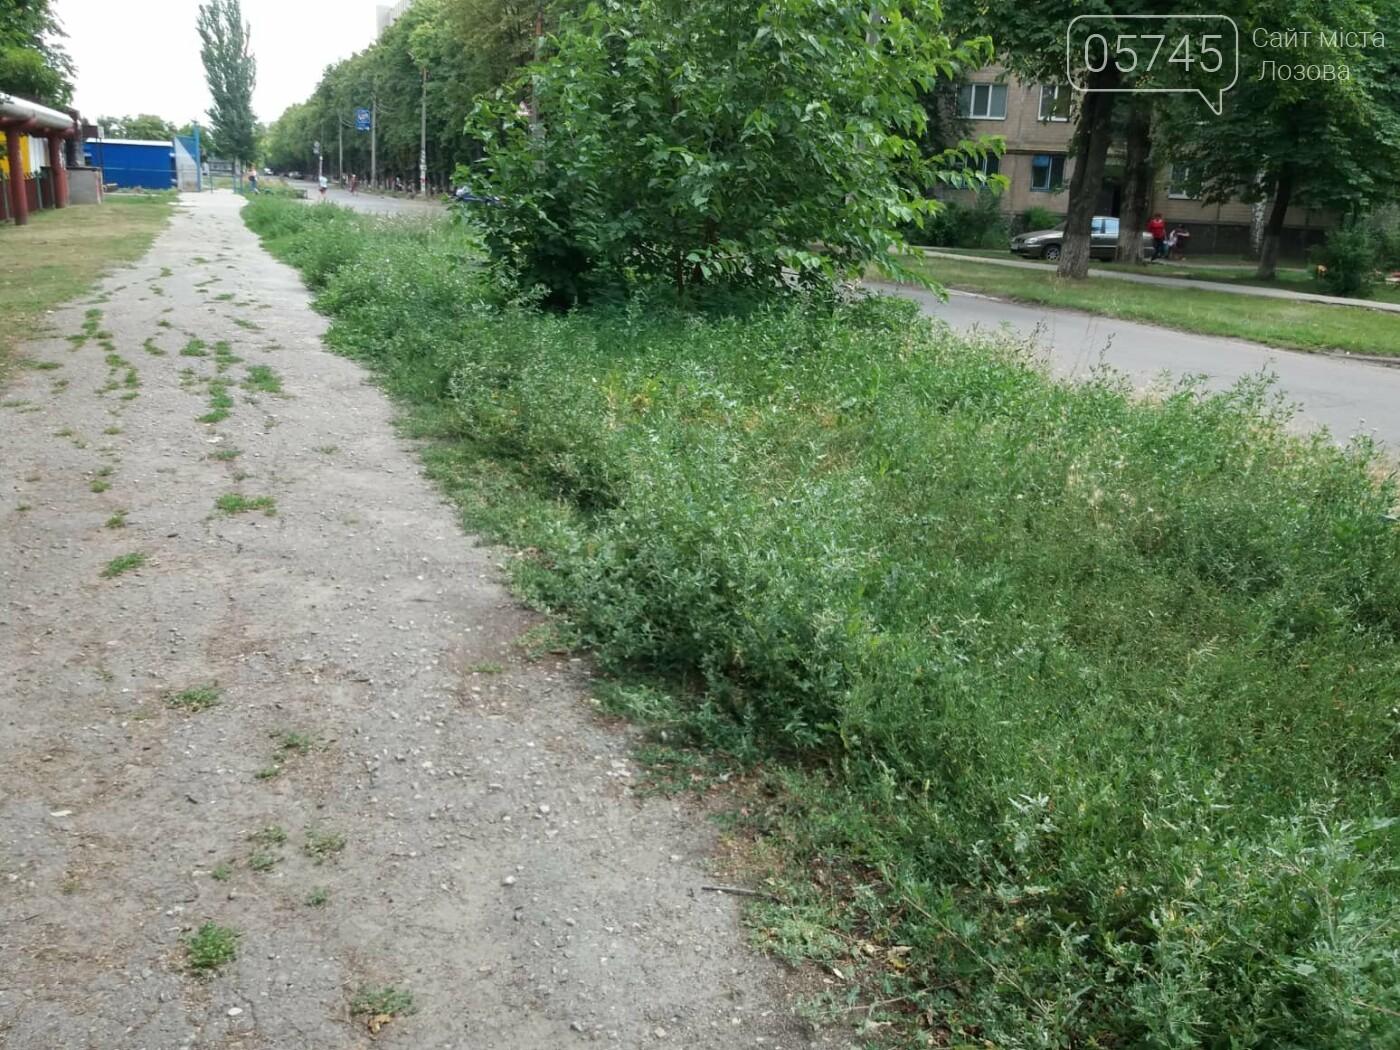 Лозовские улицы зарастают амброзией, фото-5